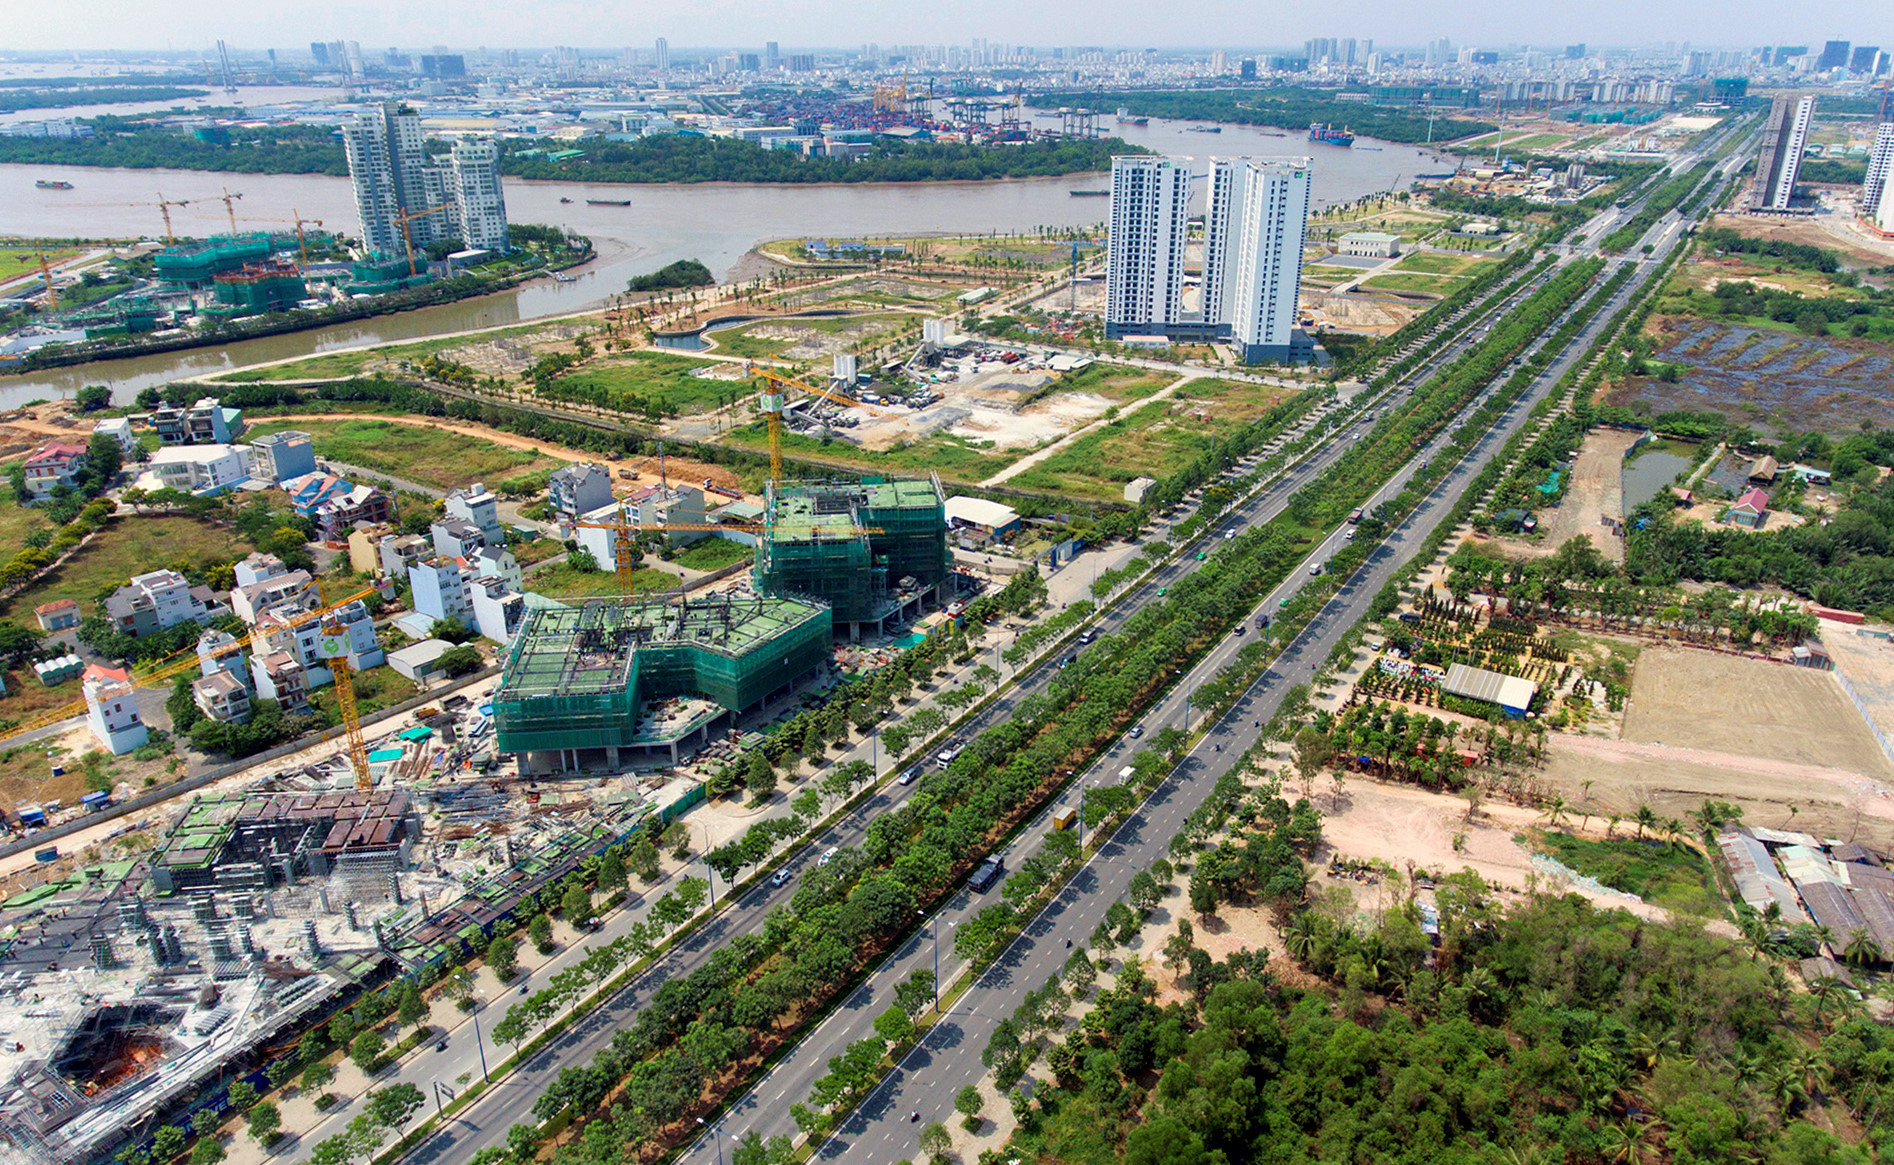 Sóng bất động sản khu đông Sài Gòn – Cơ hội cho những nhà đầu tư